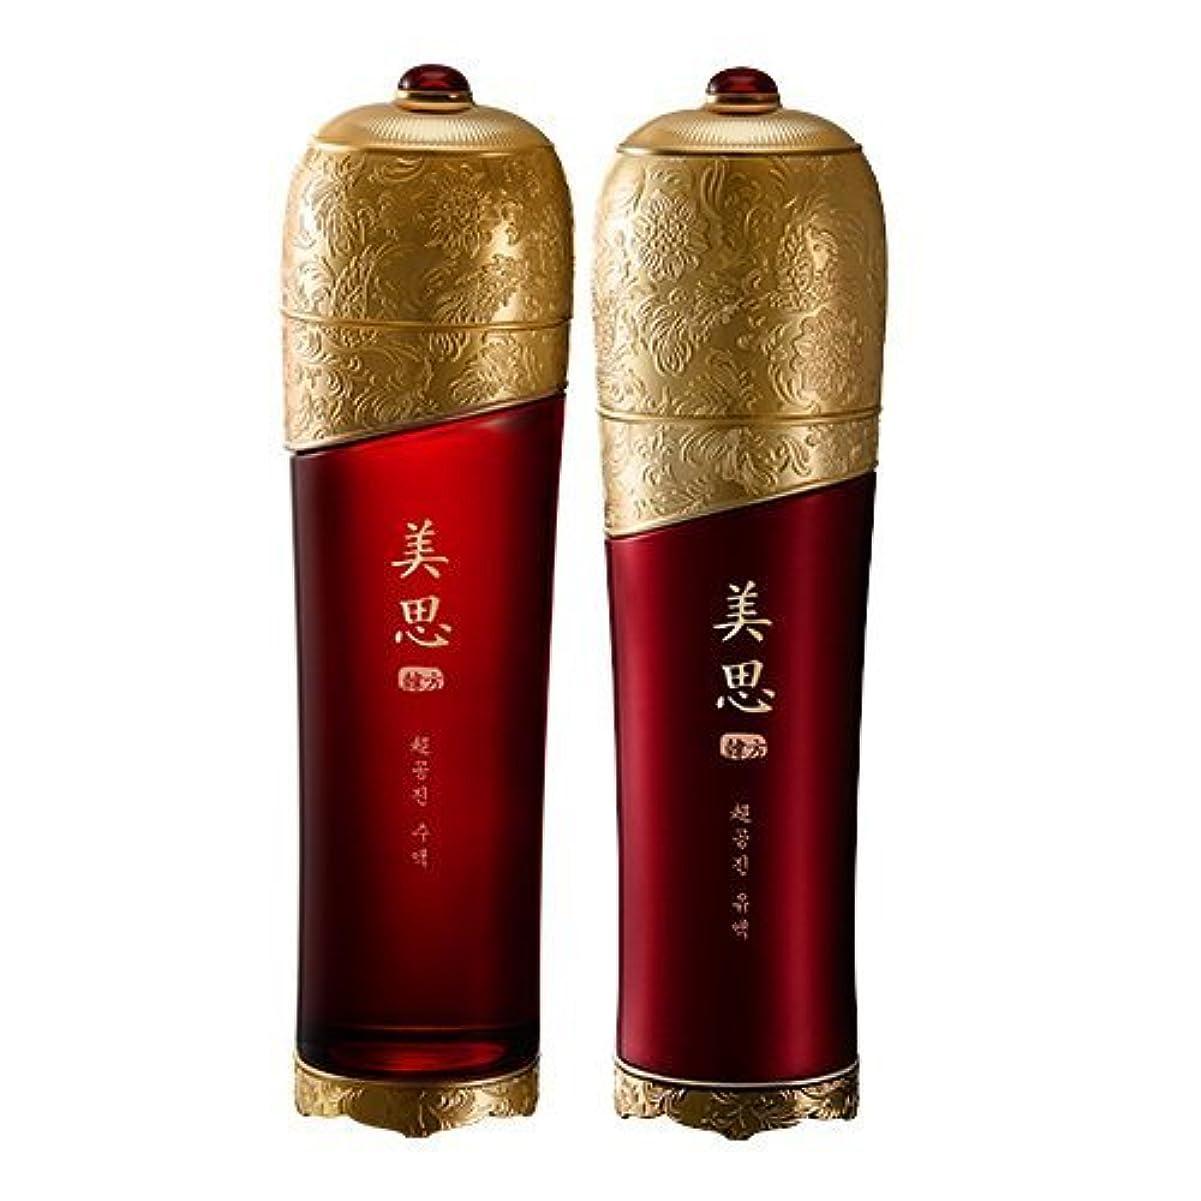 問題グラム式MISSHA(ミシャ) 美思 韓方 チョゴンジン 基礎化粧品 スキンケア 化粧水+乳液=お得2種Set